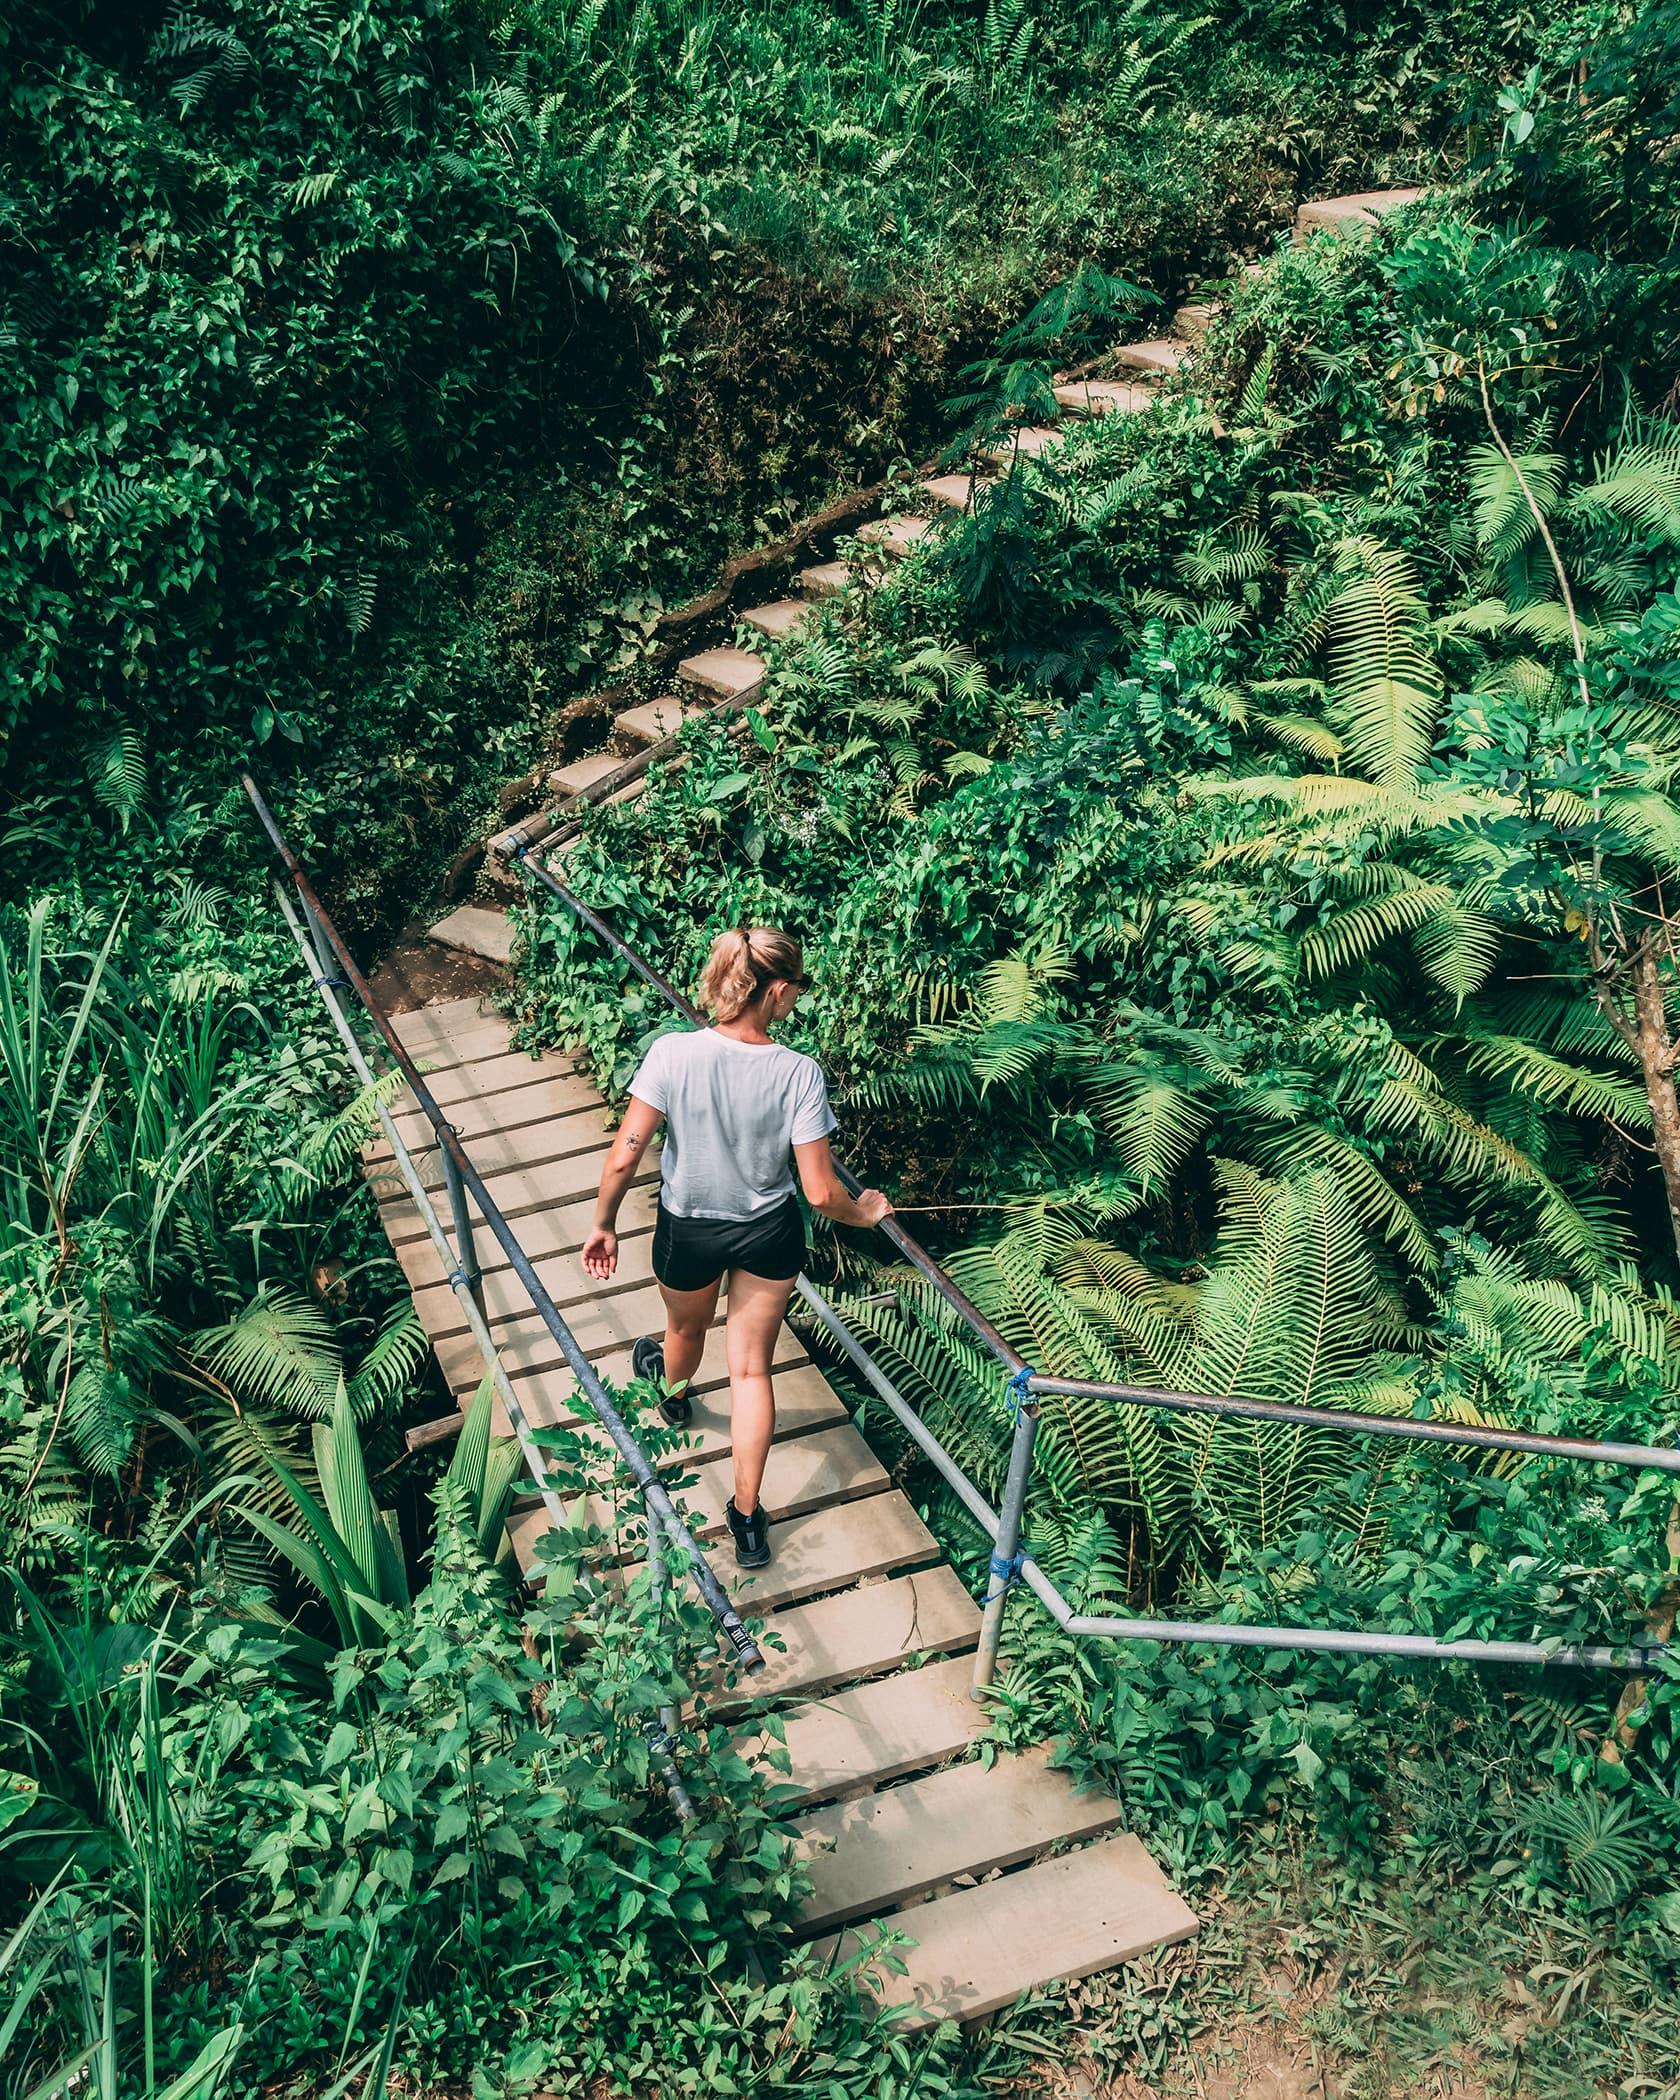 Foto van een persoon lopend over een brug in de natuur uit fotografie collectie mensen van Simon Wijers